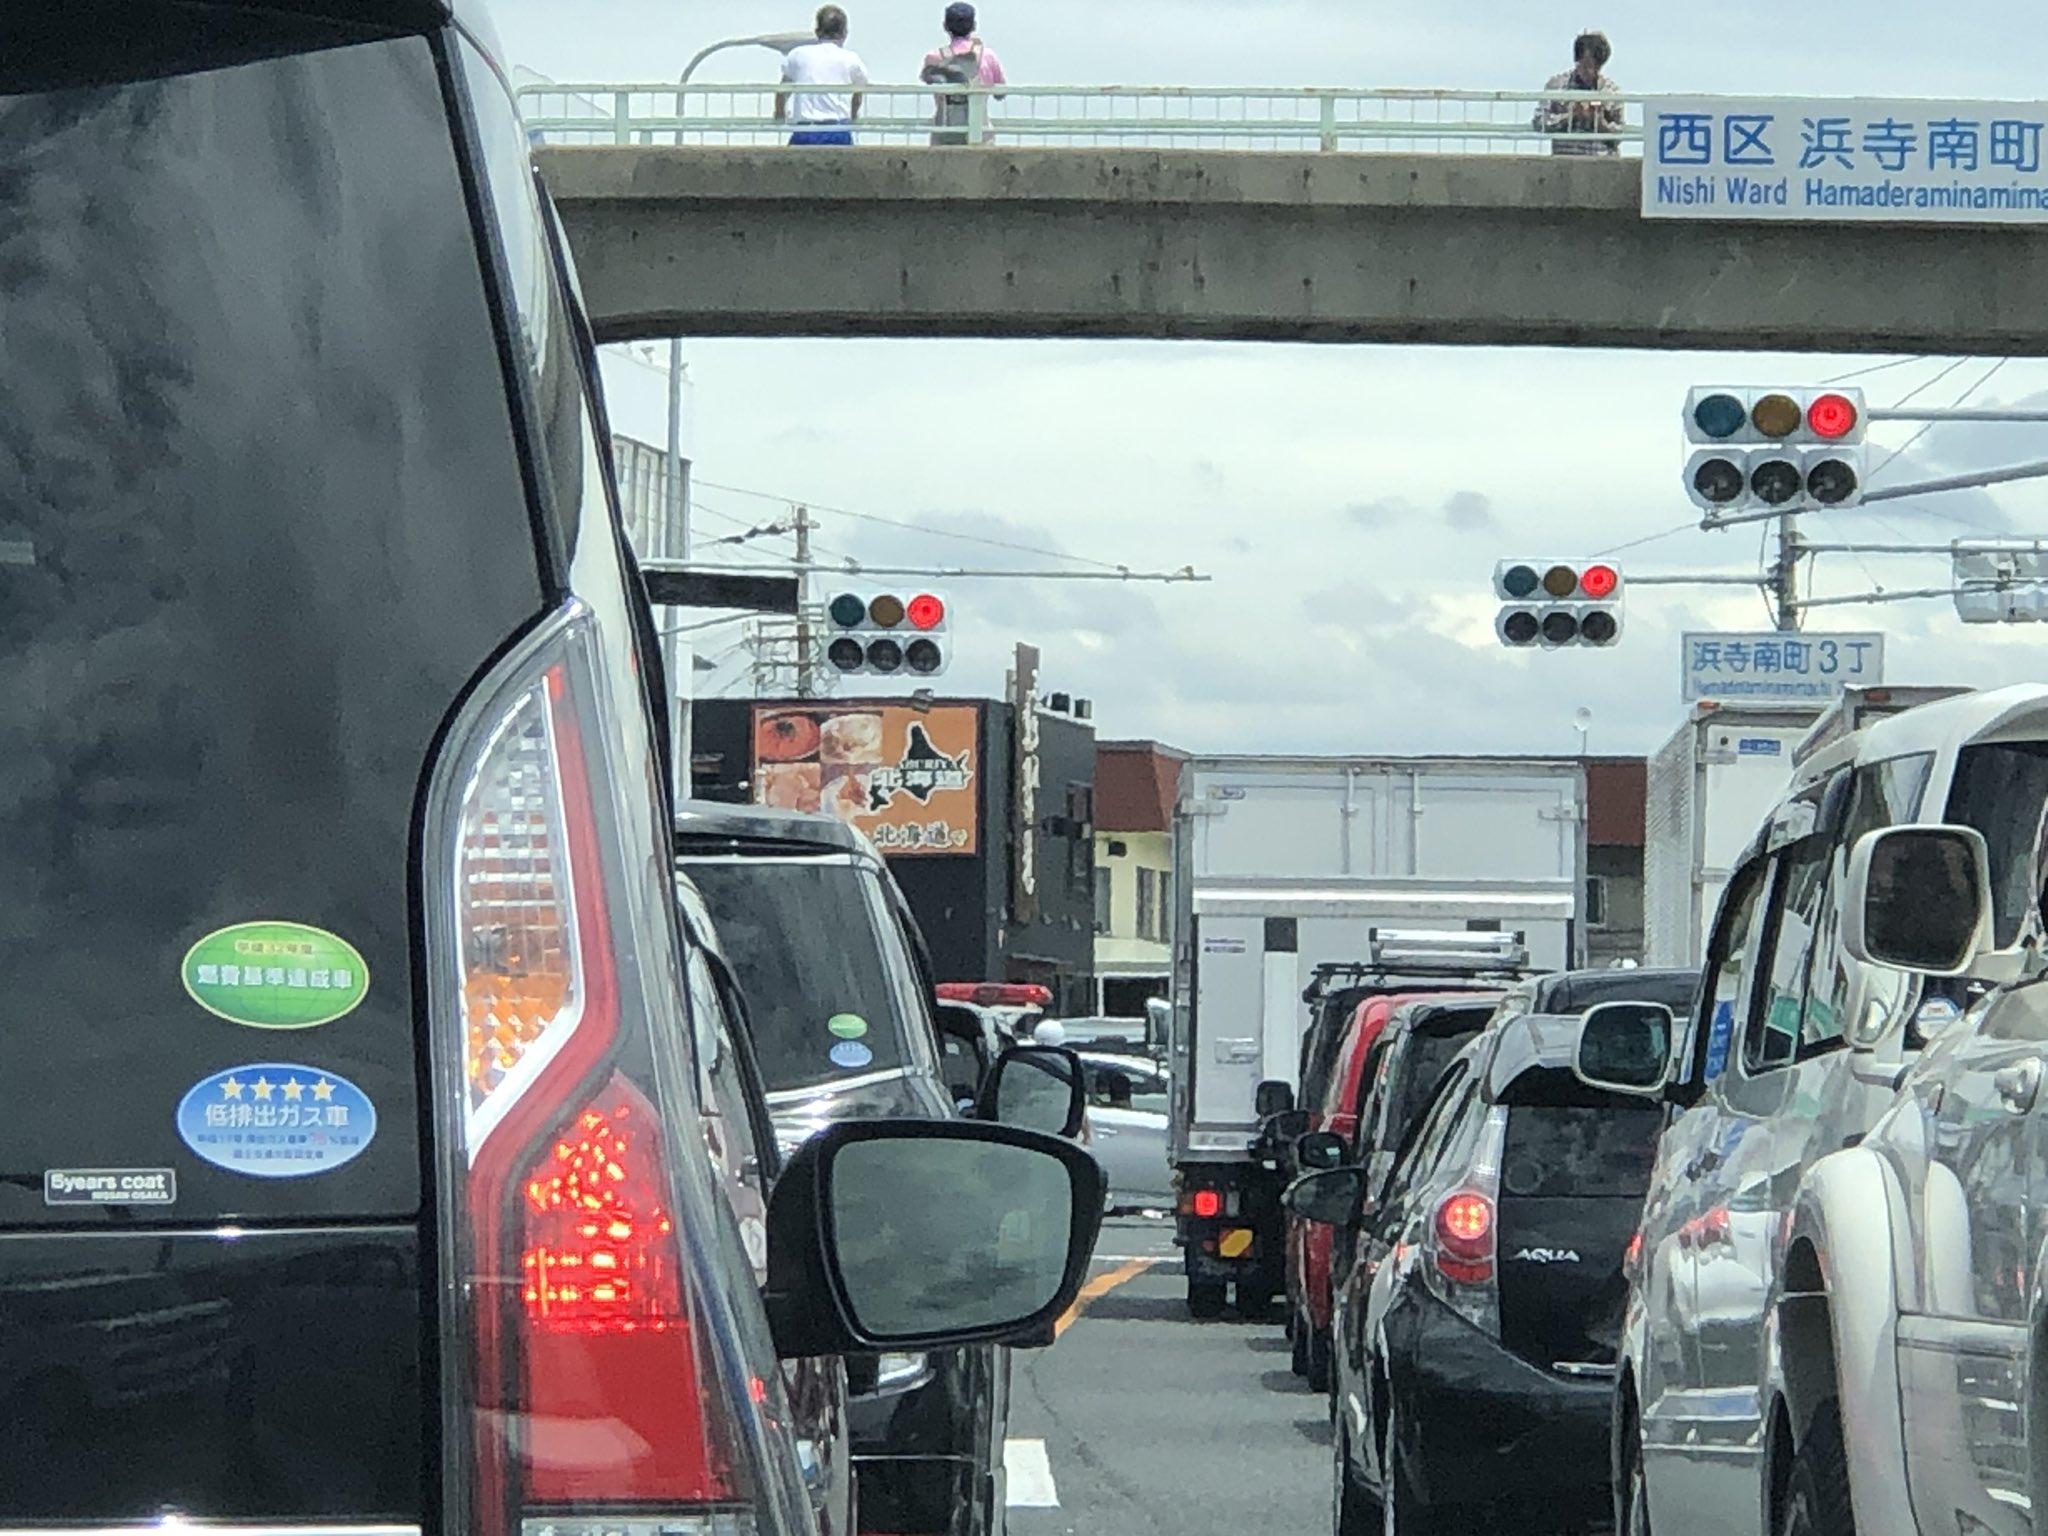 堺市西区浜寺南町の国道26号線で交通事故が起きた現場の画像